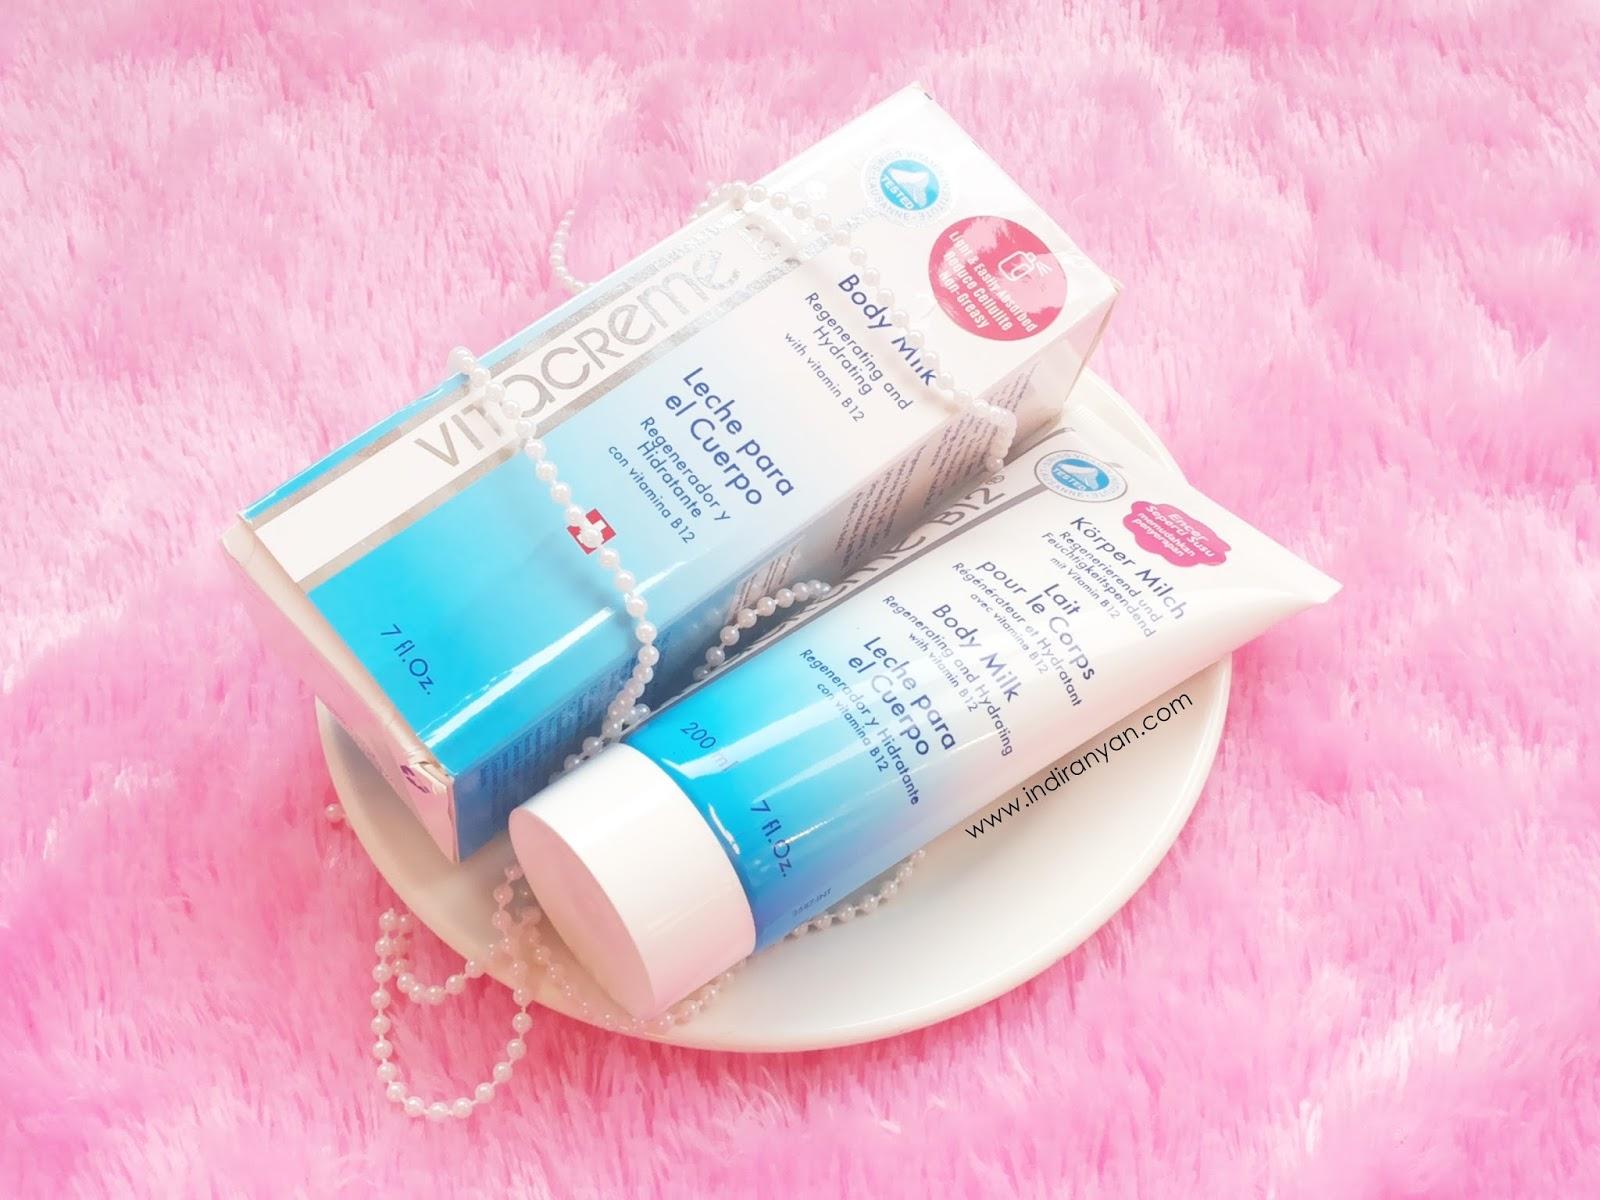 vitacreme-b12-body-milk, review-vitacreme-b12-body-milk, review-vitacreme-body-milk, vitacreme-body-milk-review